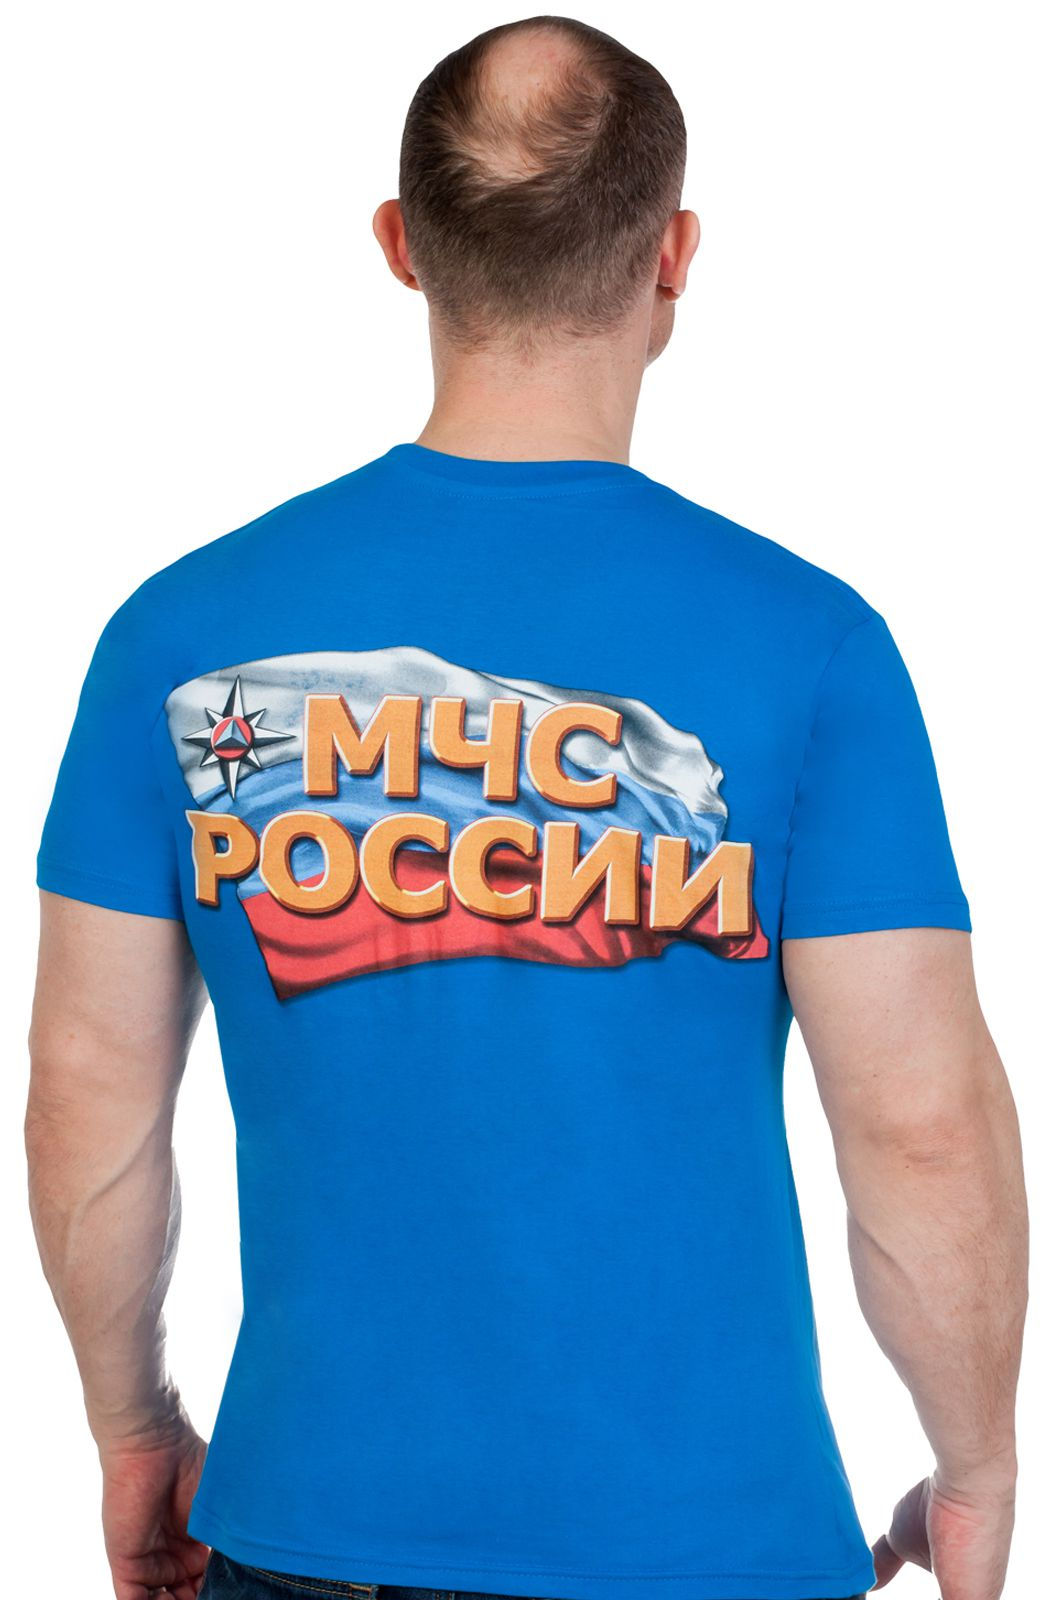 Купить синюю футболку МЧС